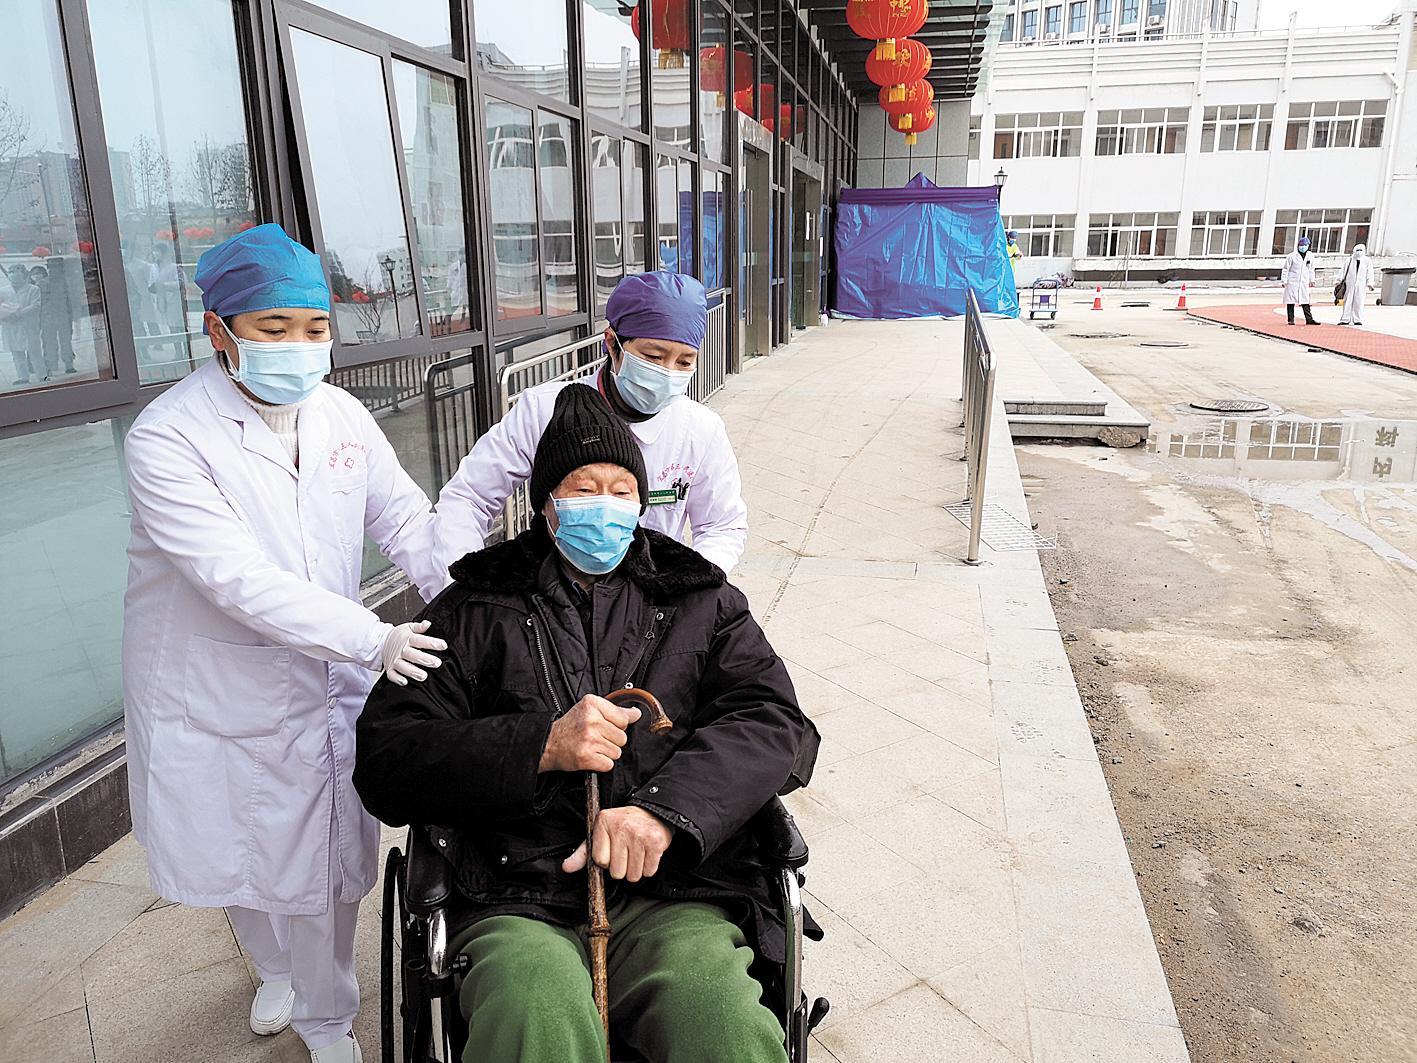 九旬老兵打赢了一场特别的战斗,湖北年龄最长的新冠肺炎患者出院